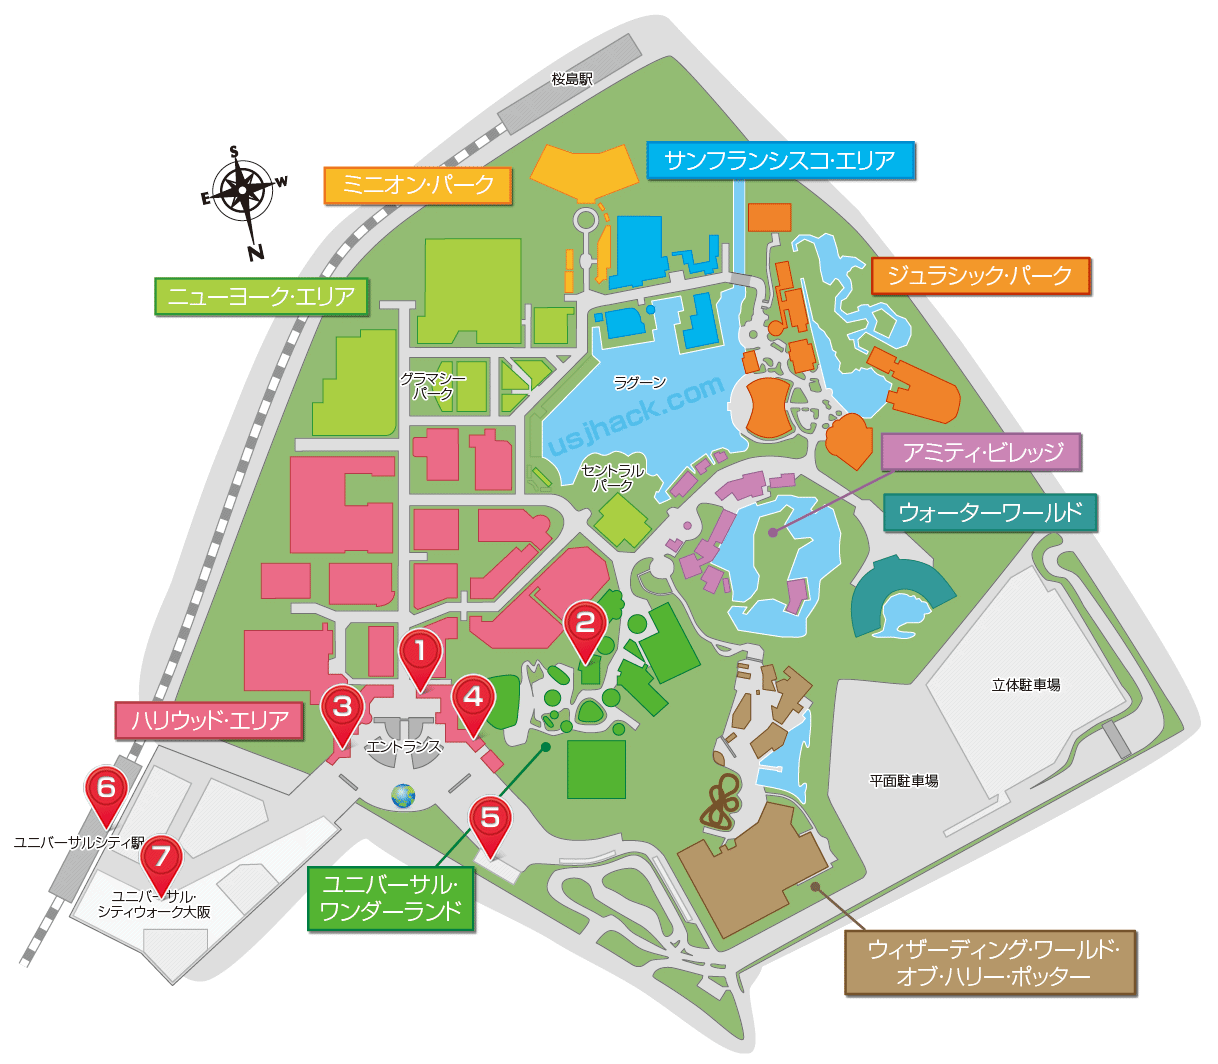 USJのコインロッカーの場所を示したマップ